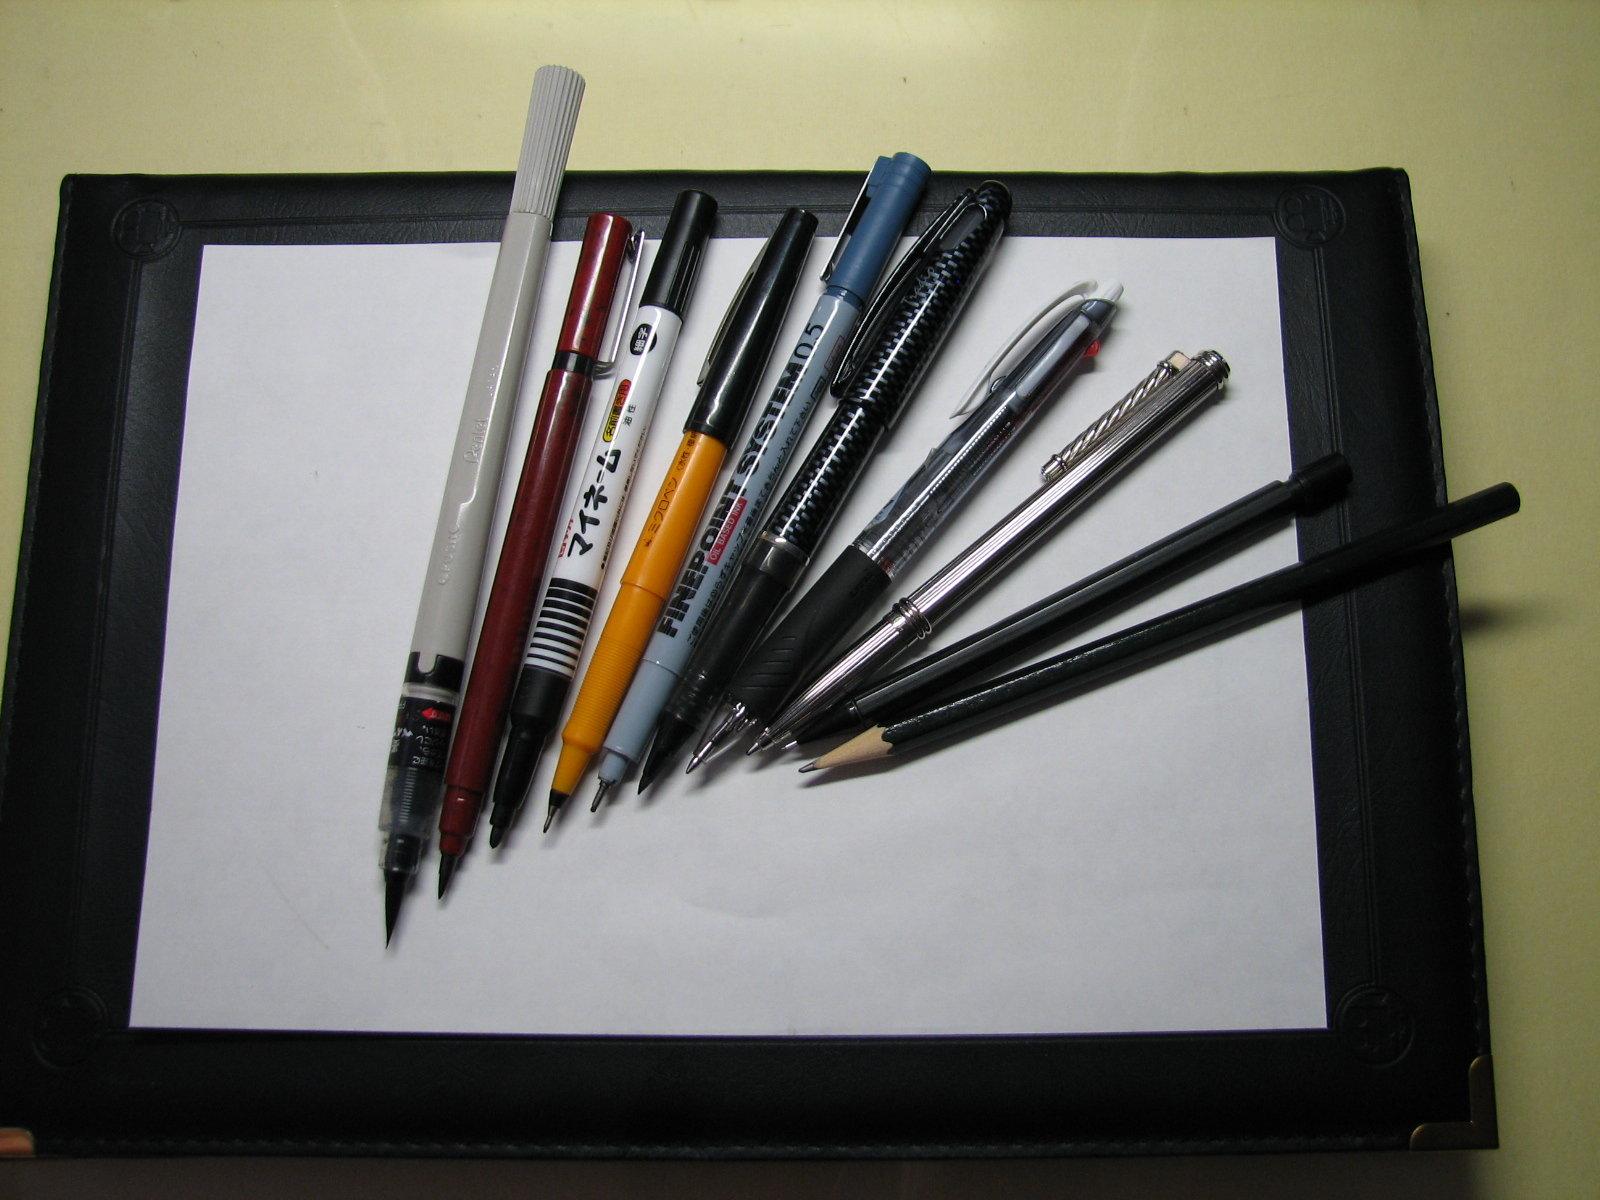 いろいろな筆記具イメージ